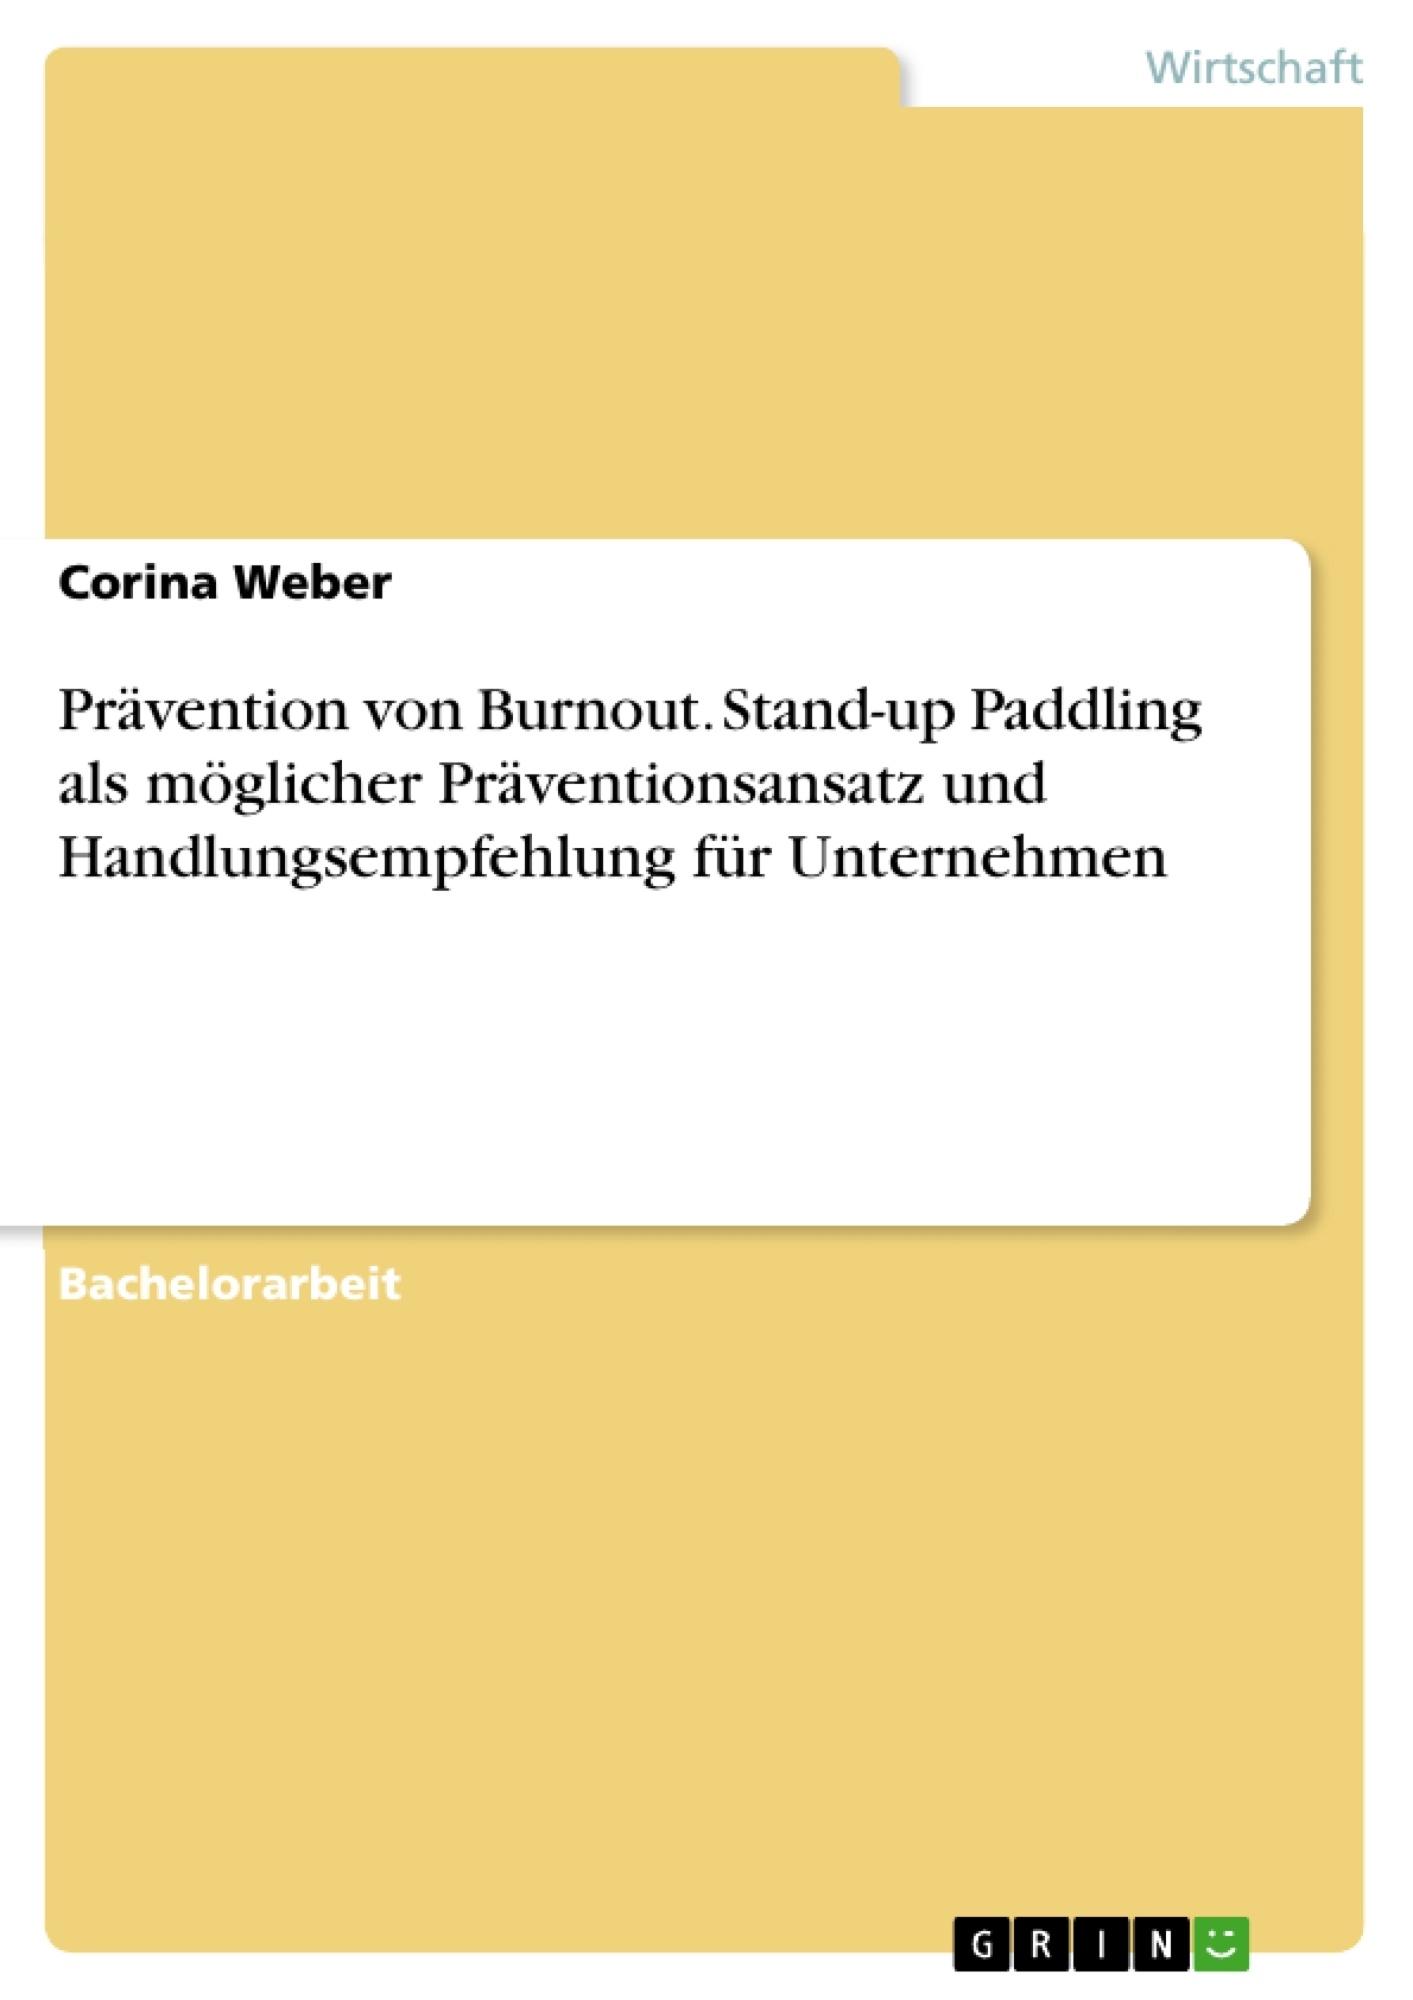 Titel: Prävention von Burnout. Stand-up Paddling als möglicher Präventionsansatz und Handlungsempfehlung für Unternehmen